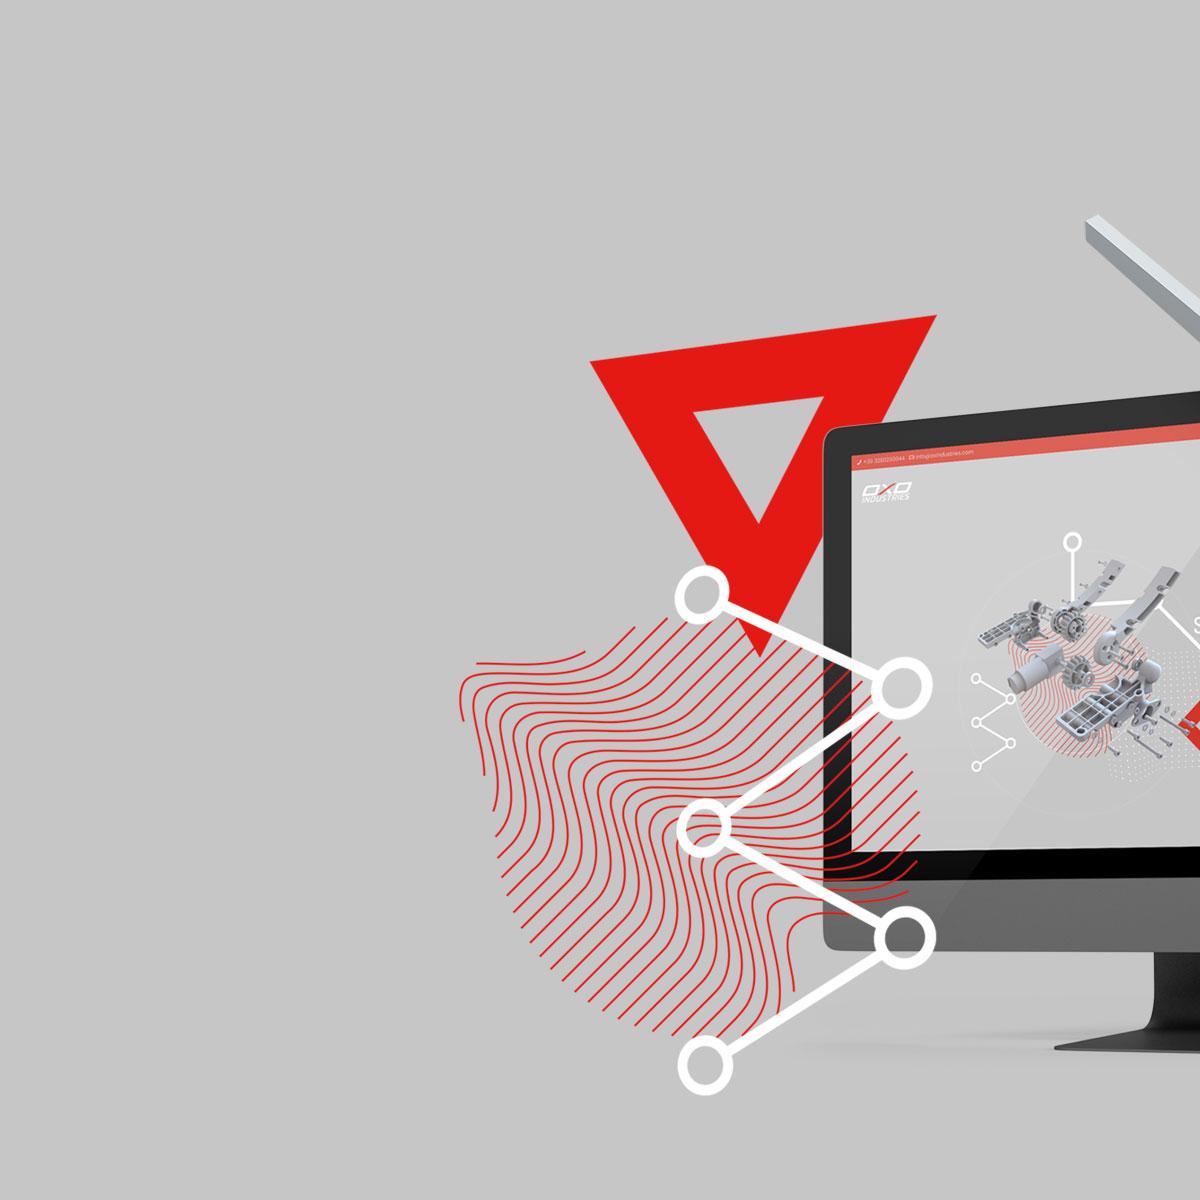 constant design realizzazione sito web Oxo industries China realizzazione siti web Rieti